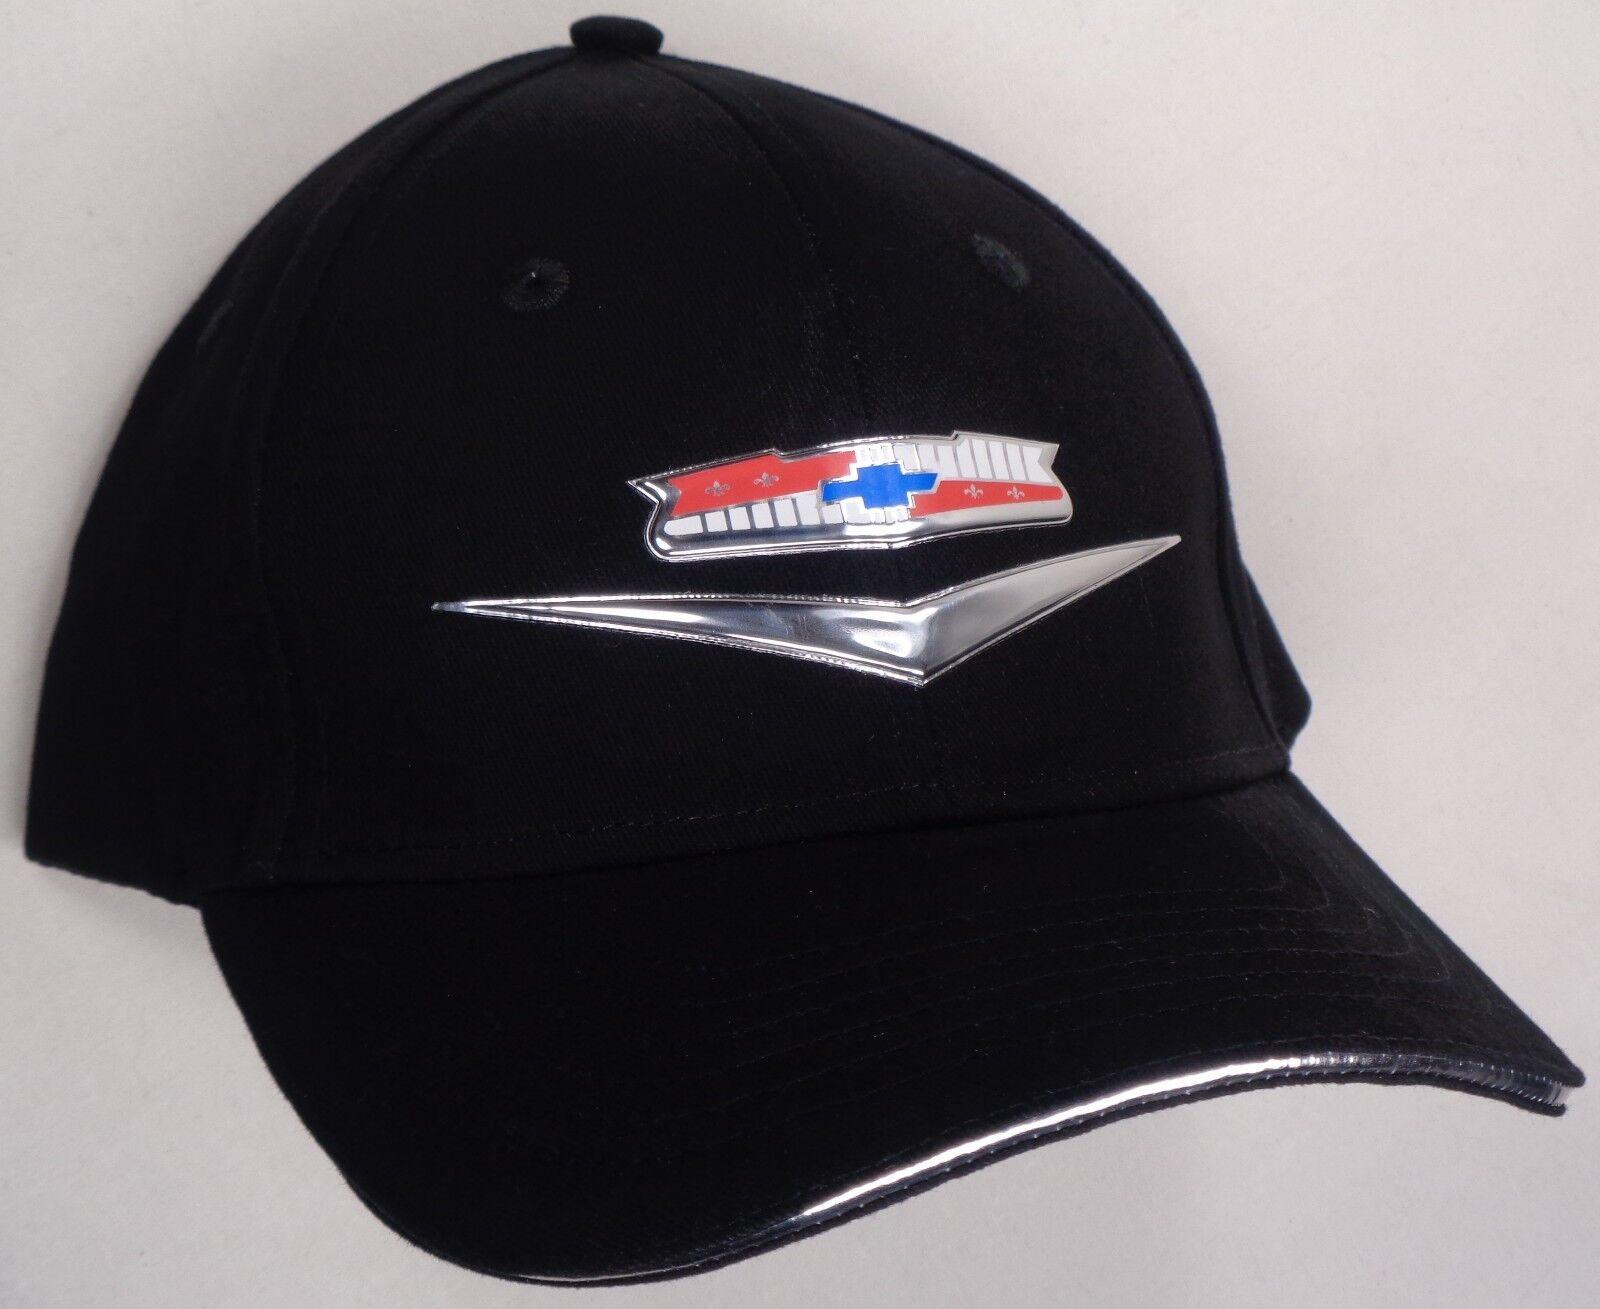 Chevrolet Silverado Texas Edition Black Baseball Cap Ralph White